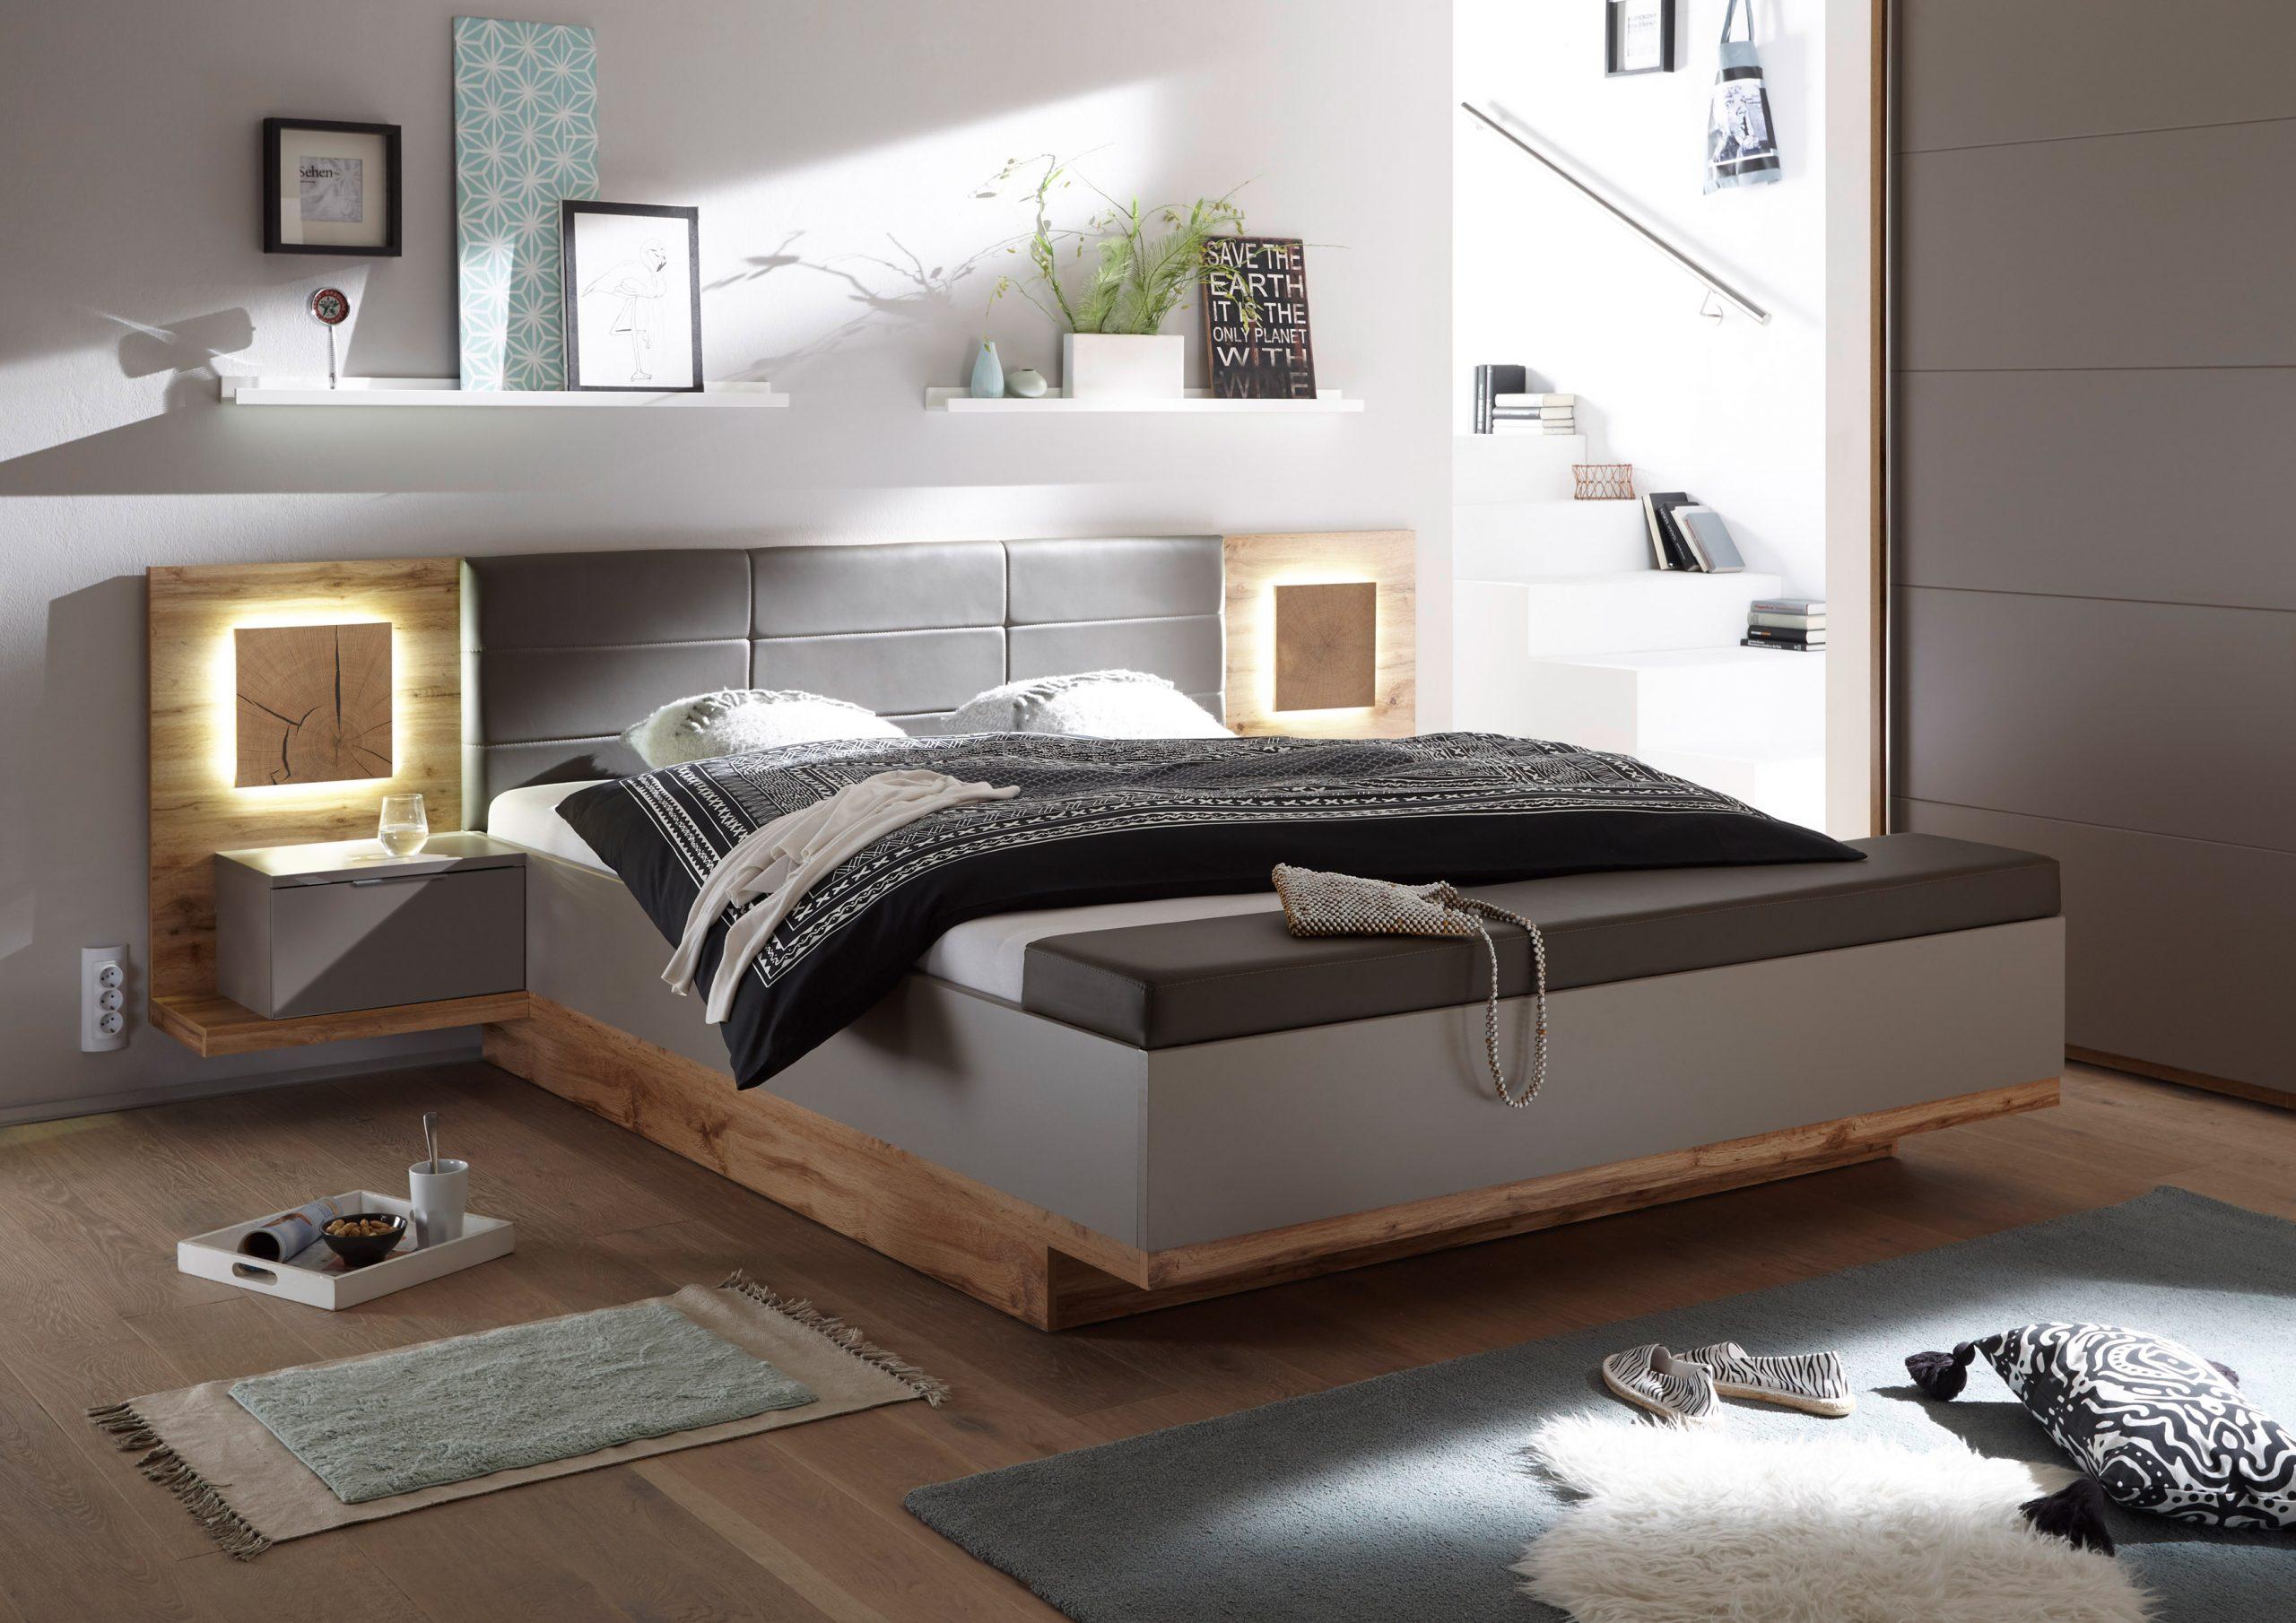 Full Size of Schlafzimmer Betten Doppelbett Nachtkommoden Capri Xl Bett Ehebett Fussbank 180x200 Günstig Kaufen Landhaus Vorhänge Möbel Boss Kronleuchter Amerikanische Schlafzimmer Schlafzimmer Betten